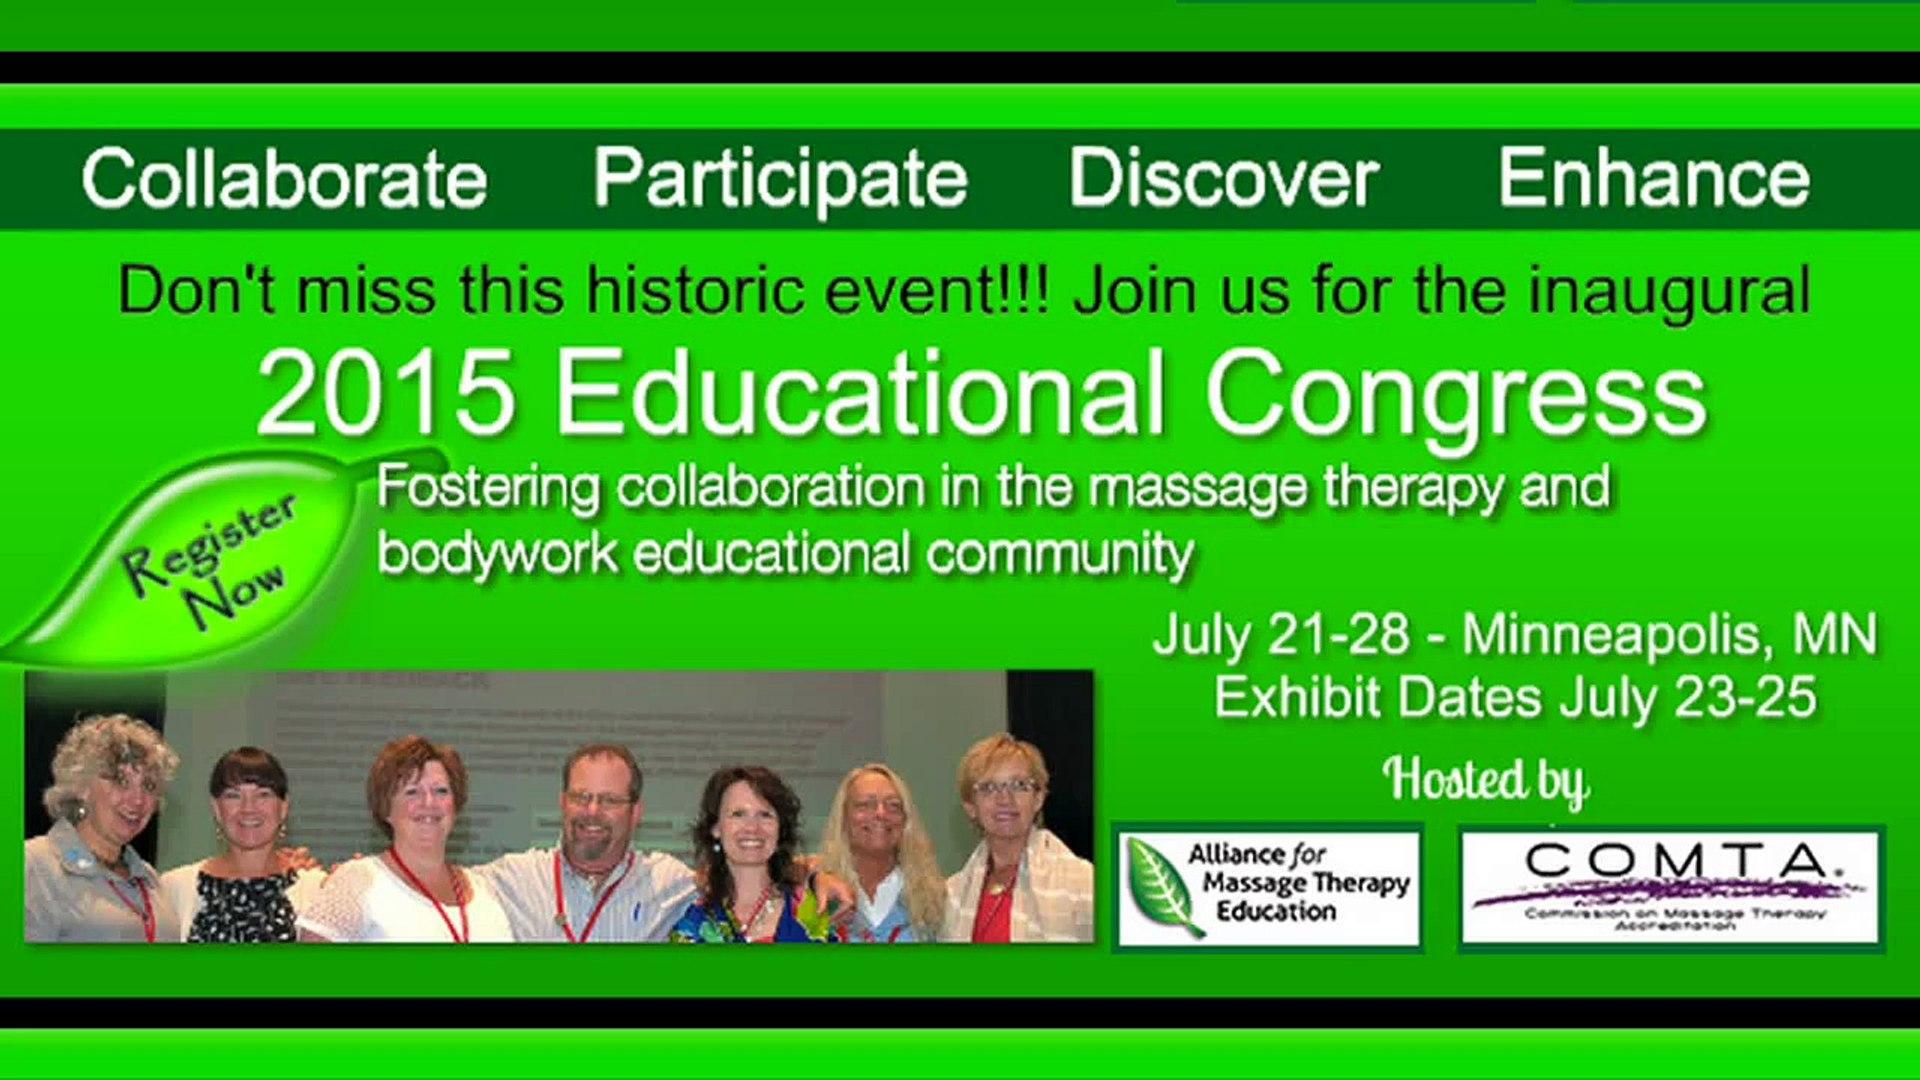 Tim Herbert - 2015 Educational Congress